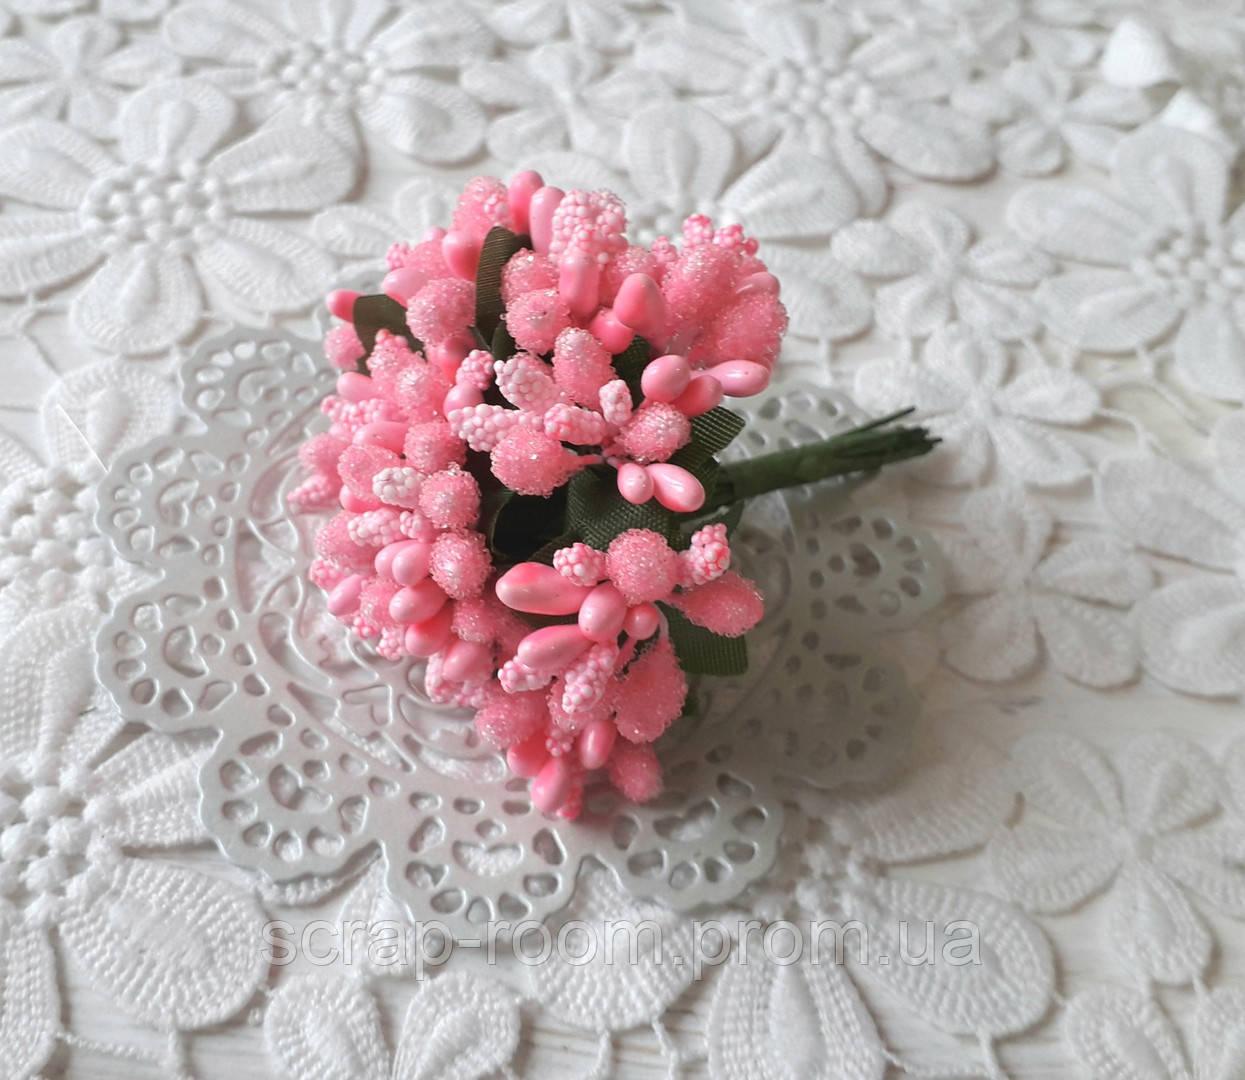 Букет из сложных тычинок розовый, тычинки сложные, розовый букет сложных тычинок, тычинки розовые, букет 12 шт